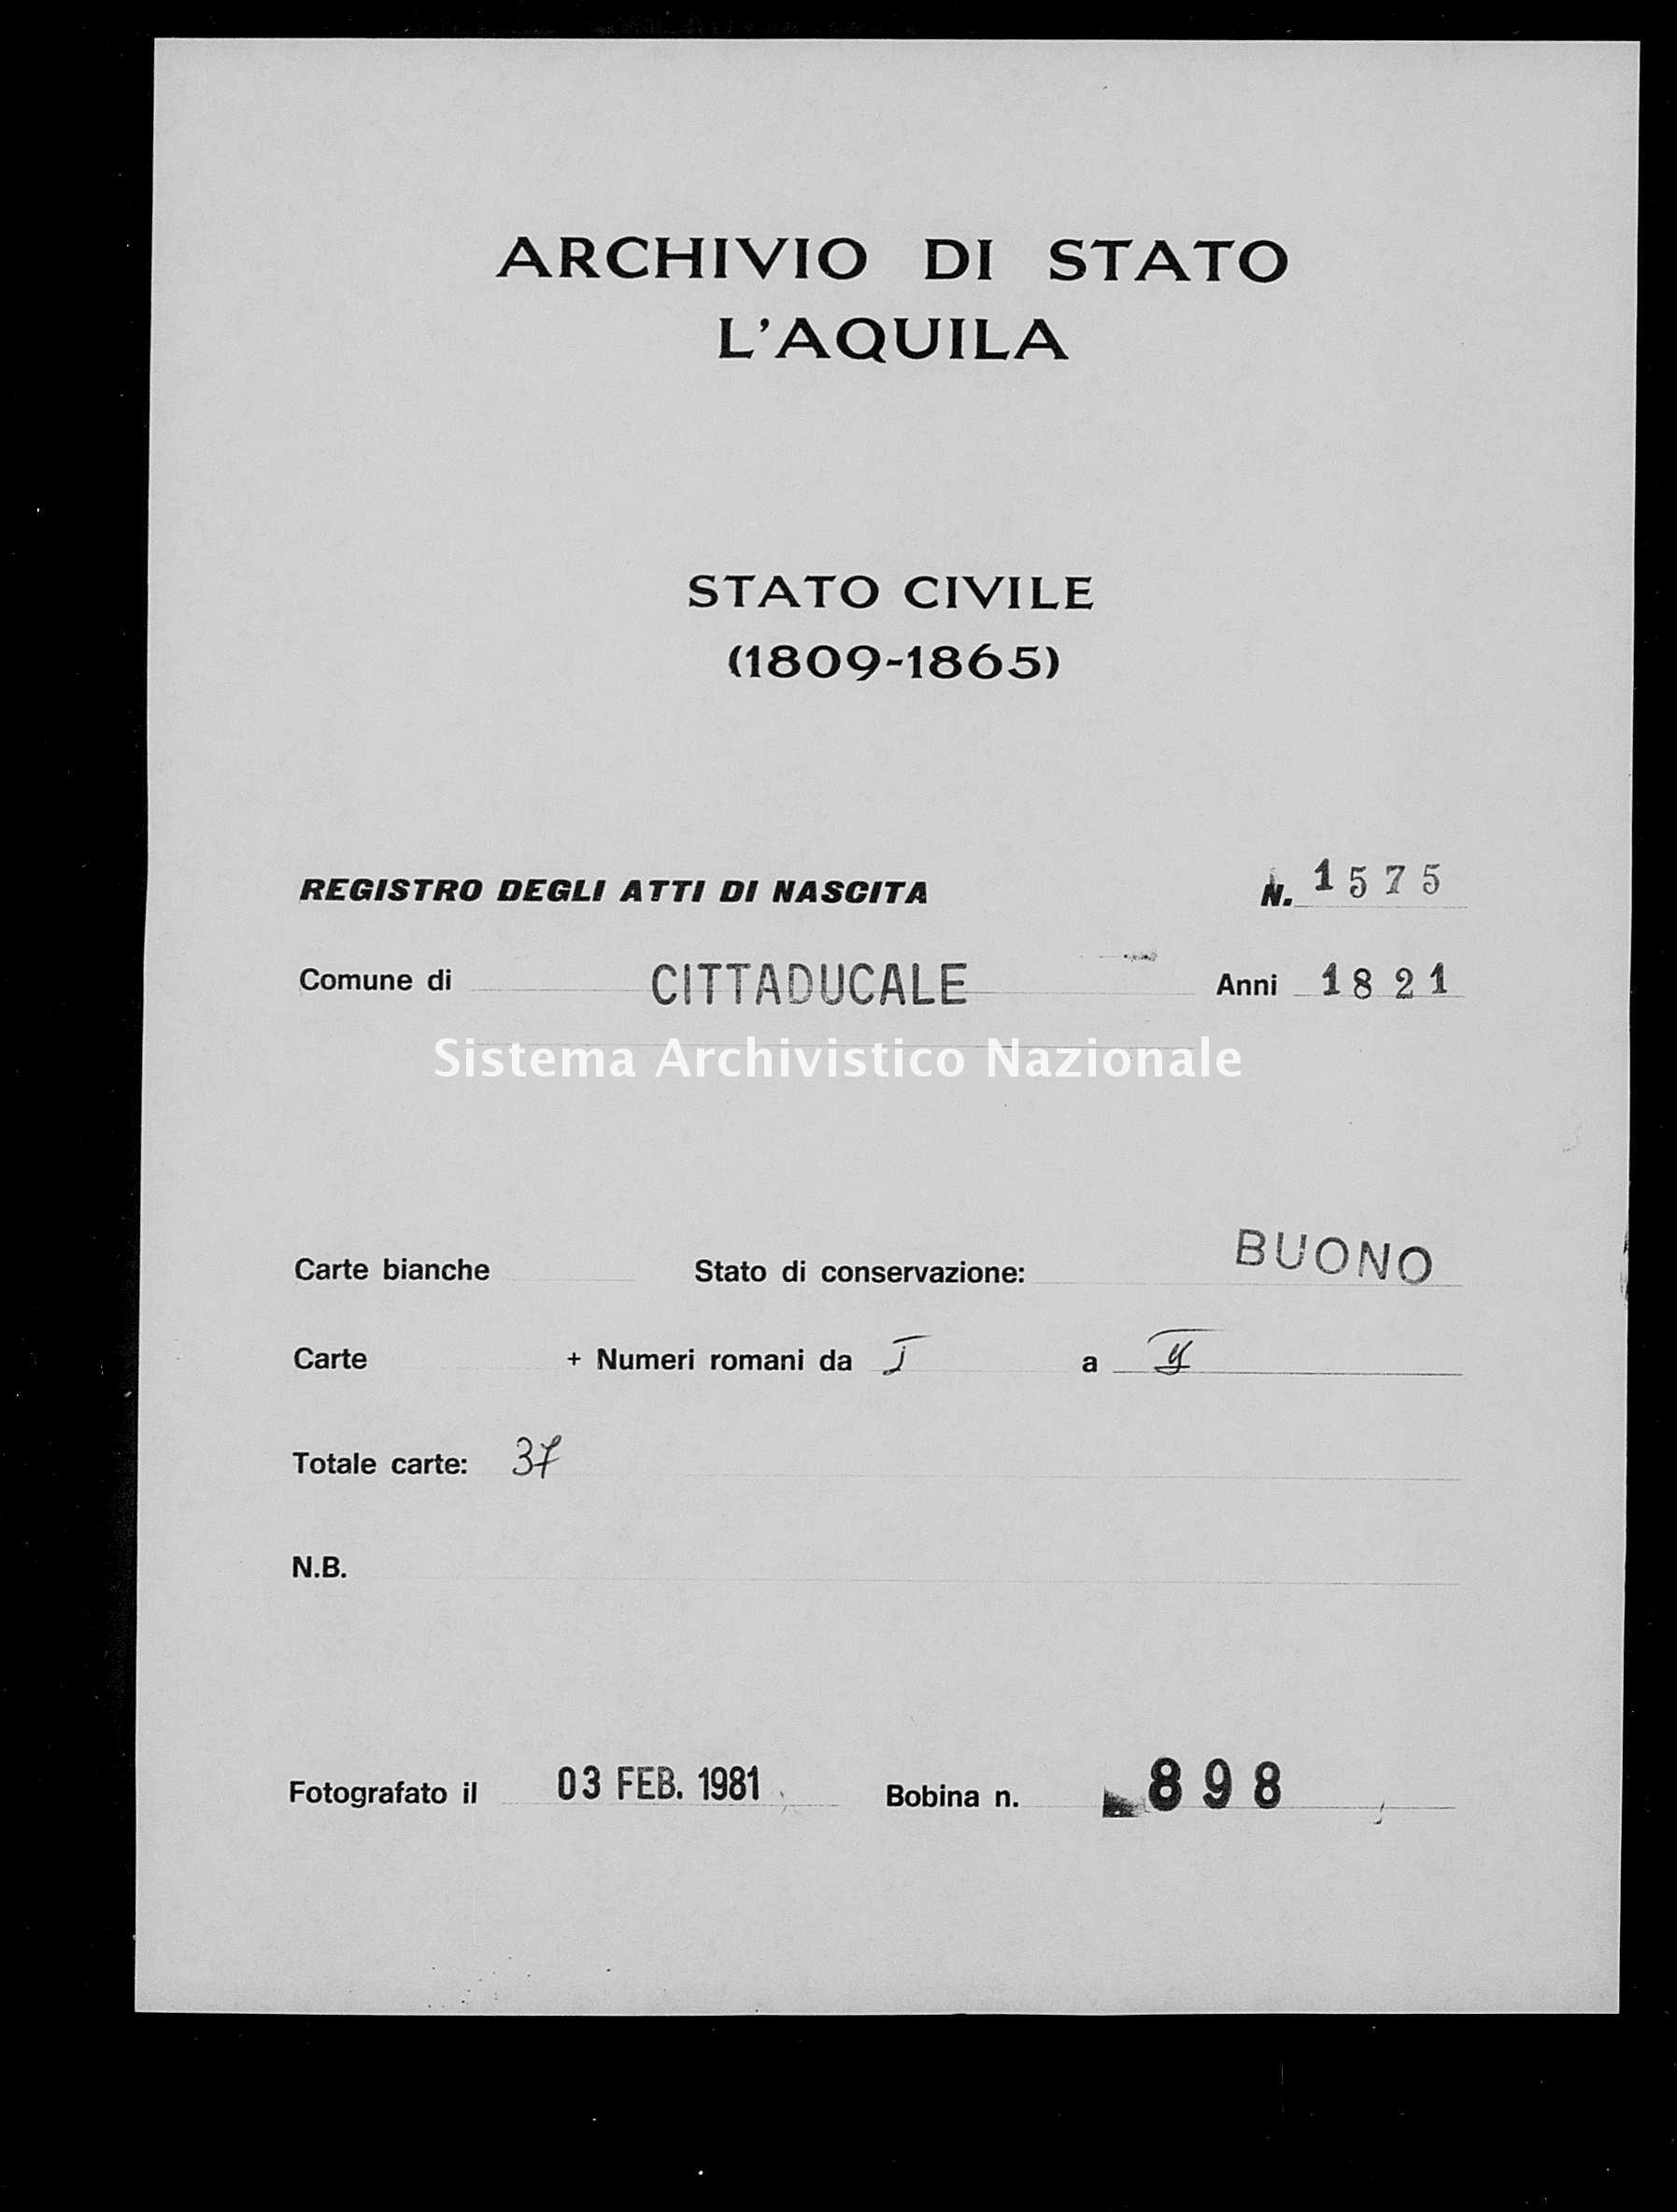 Archivio di stato di L'aquila - Stato civile della restaurazione - Cittaducale - Nati - 1821 - 1575 -